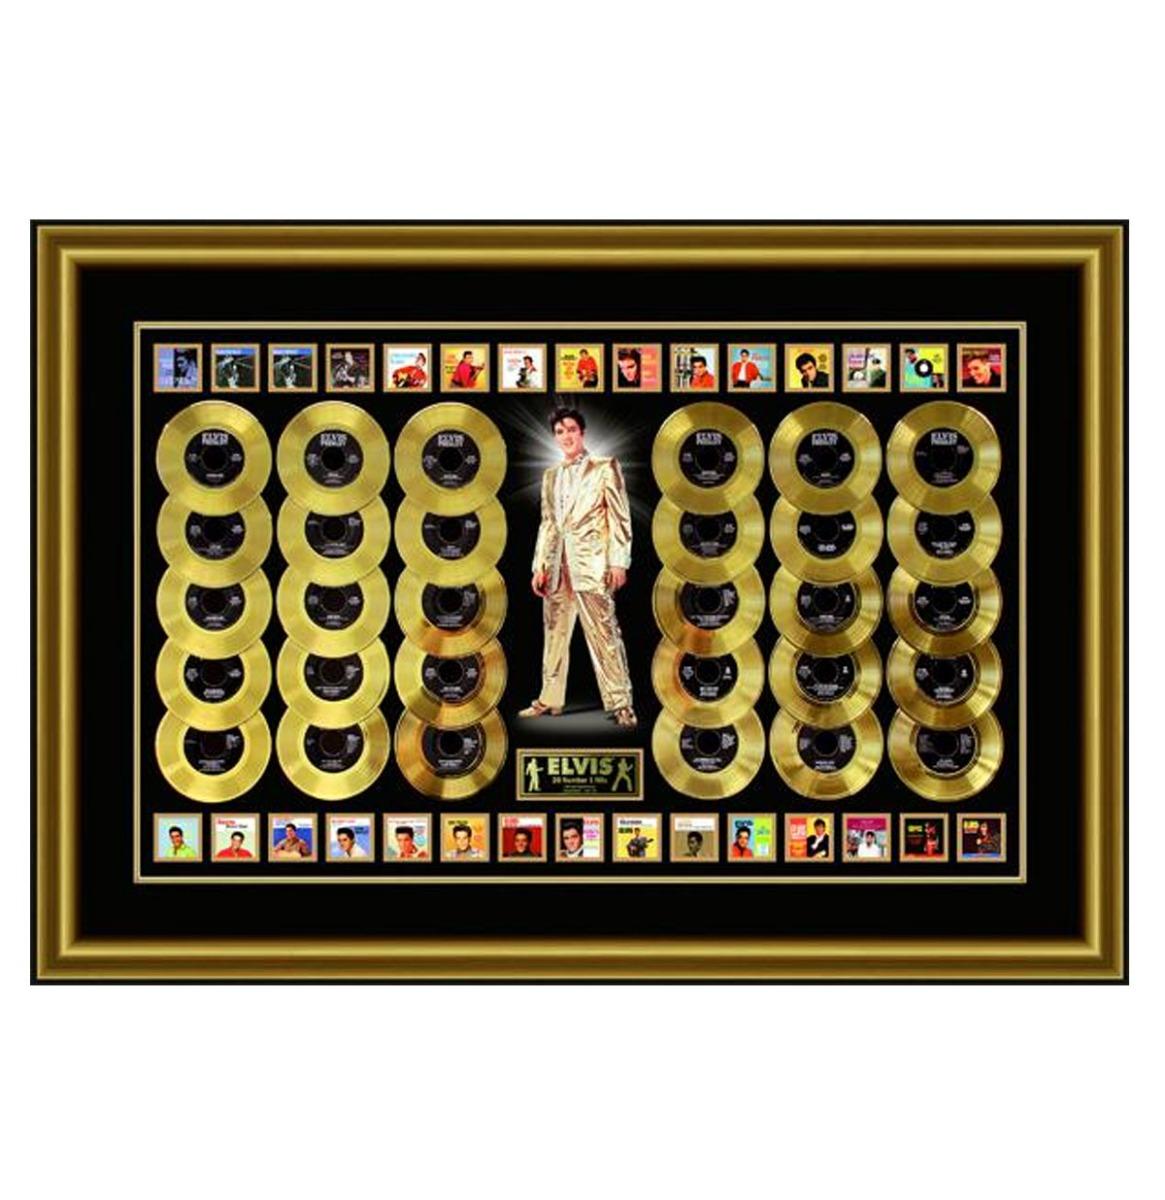 Elvis Presley - 30 Gouden Platen (45) Van Zijn Nummer 1 Hits 24KT Gelimiteerde Oplage van 100